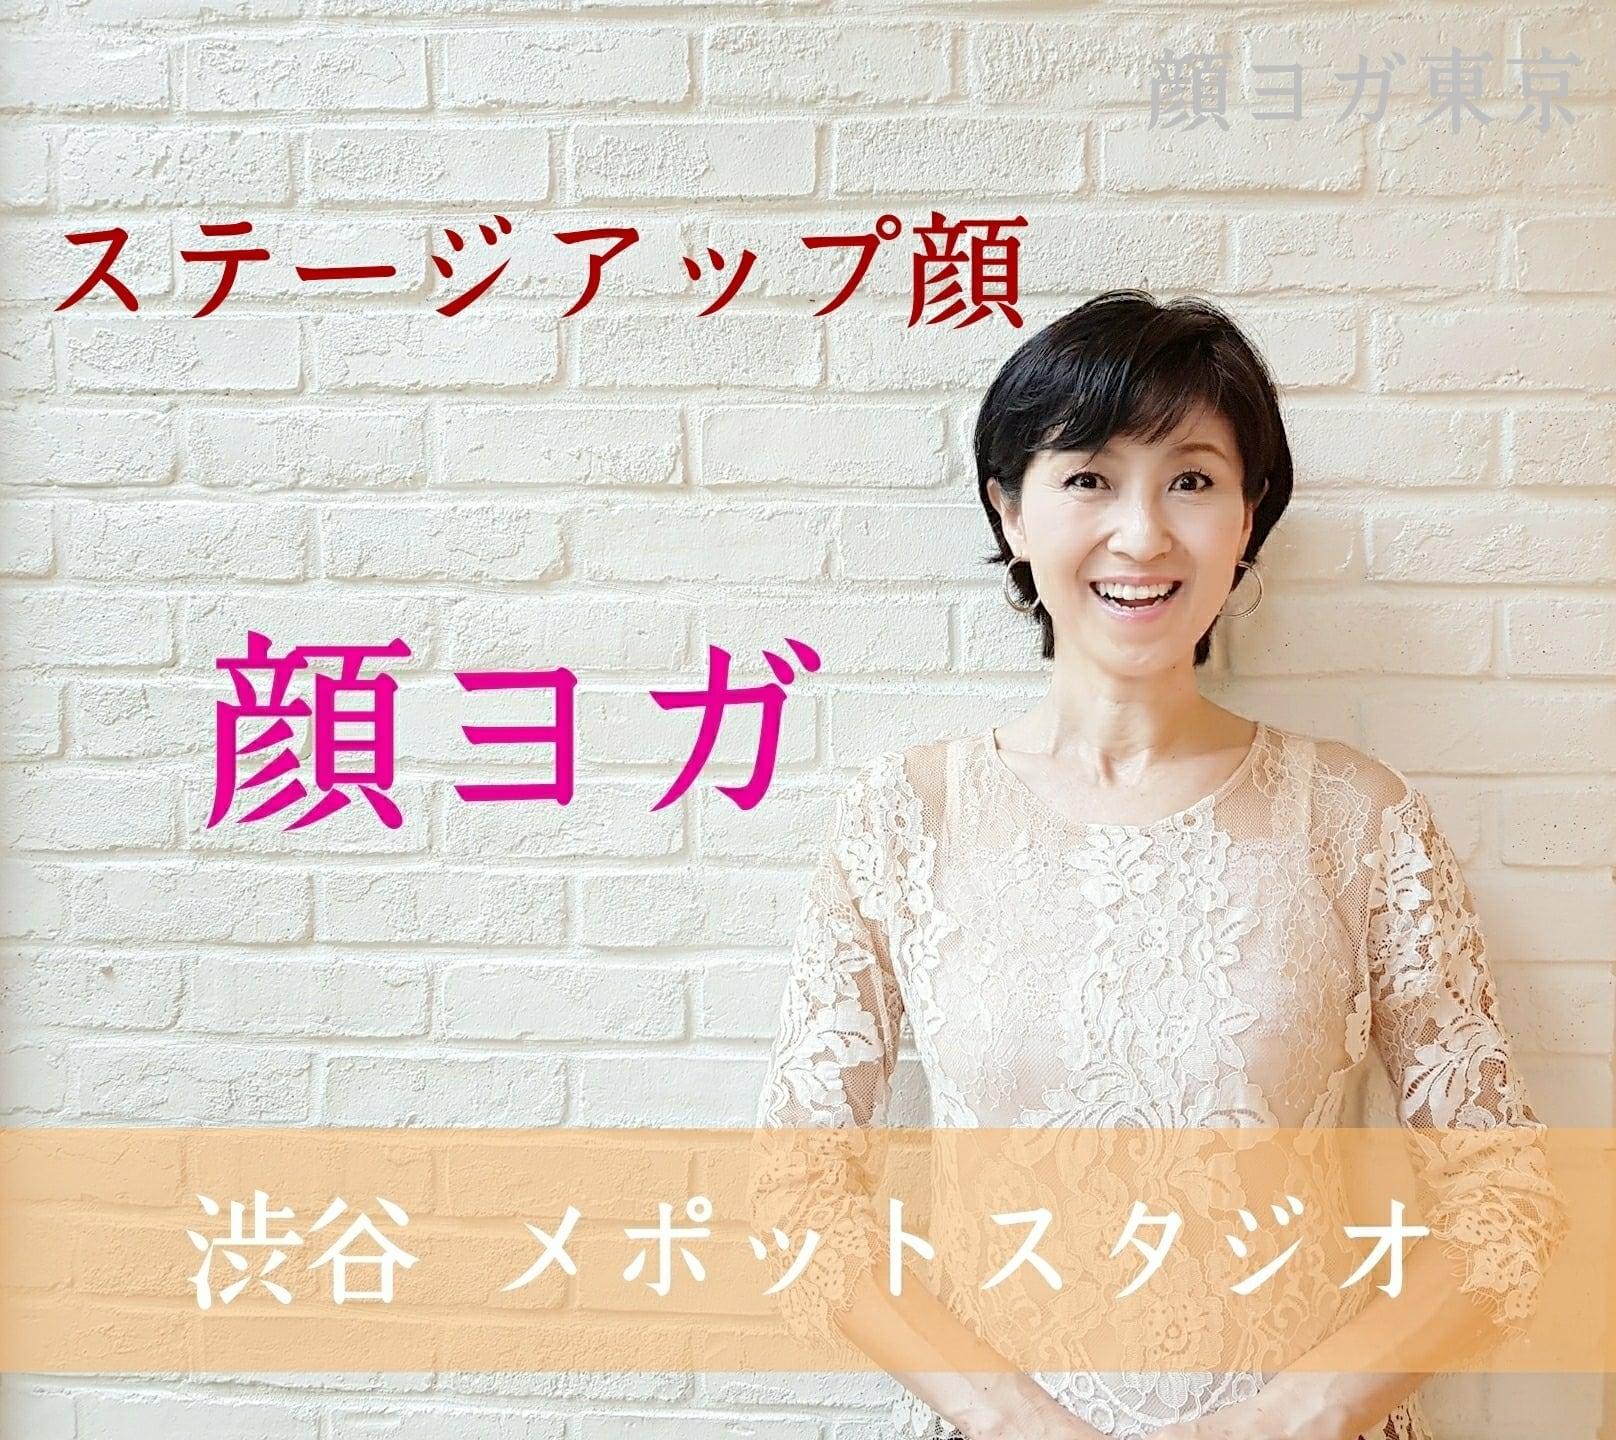 顔ヨガ+プラス 人生が変わる秘密のメソッド2月22日(土)